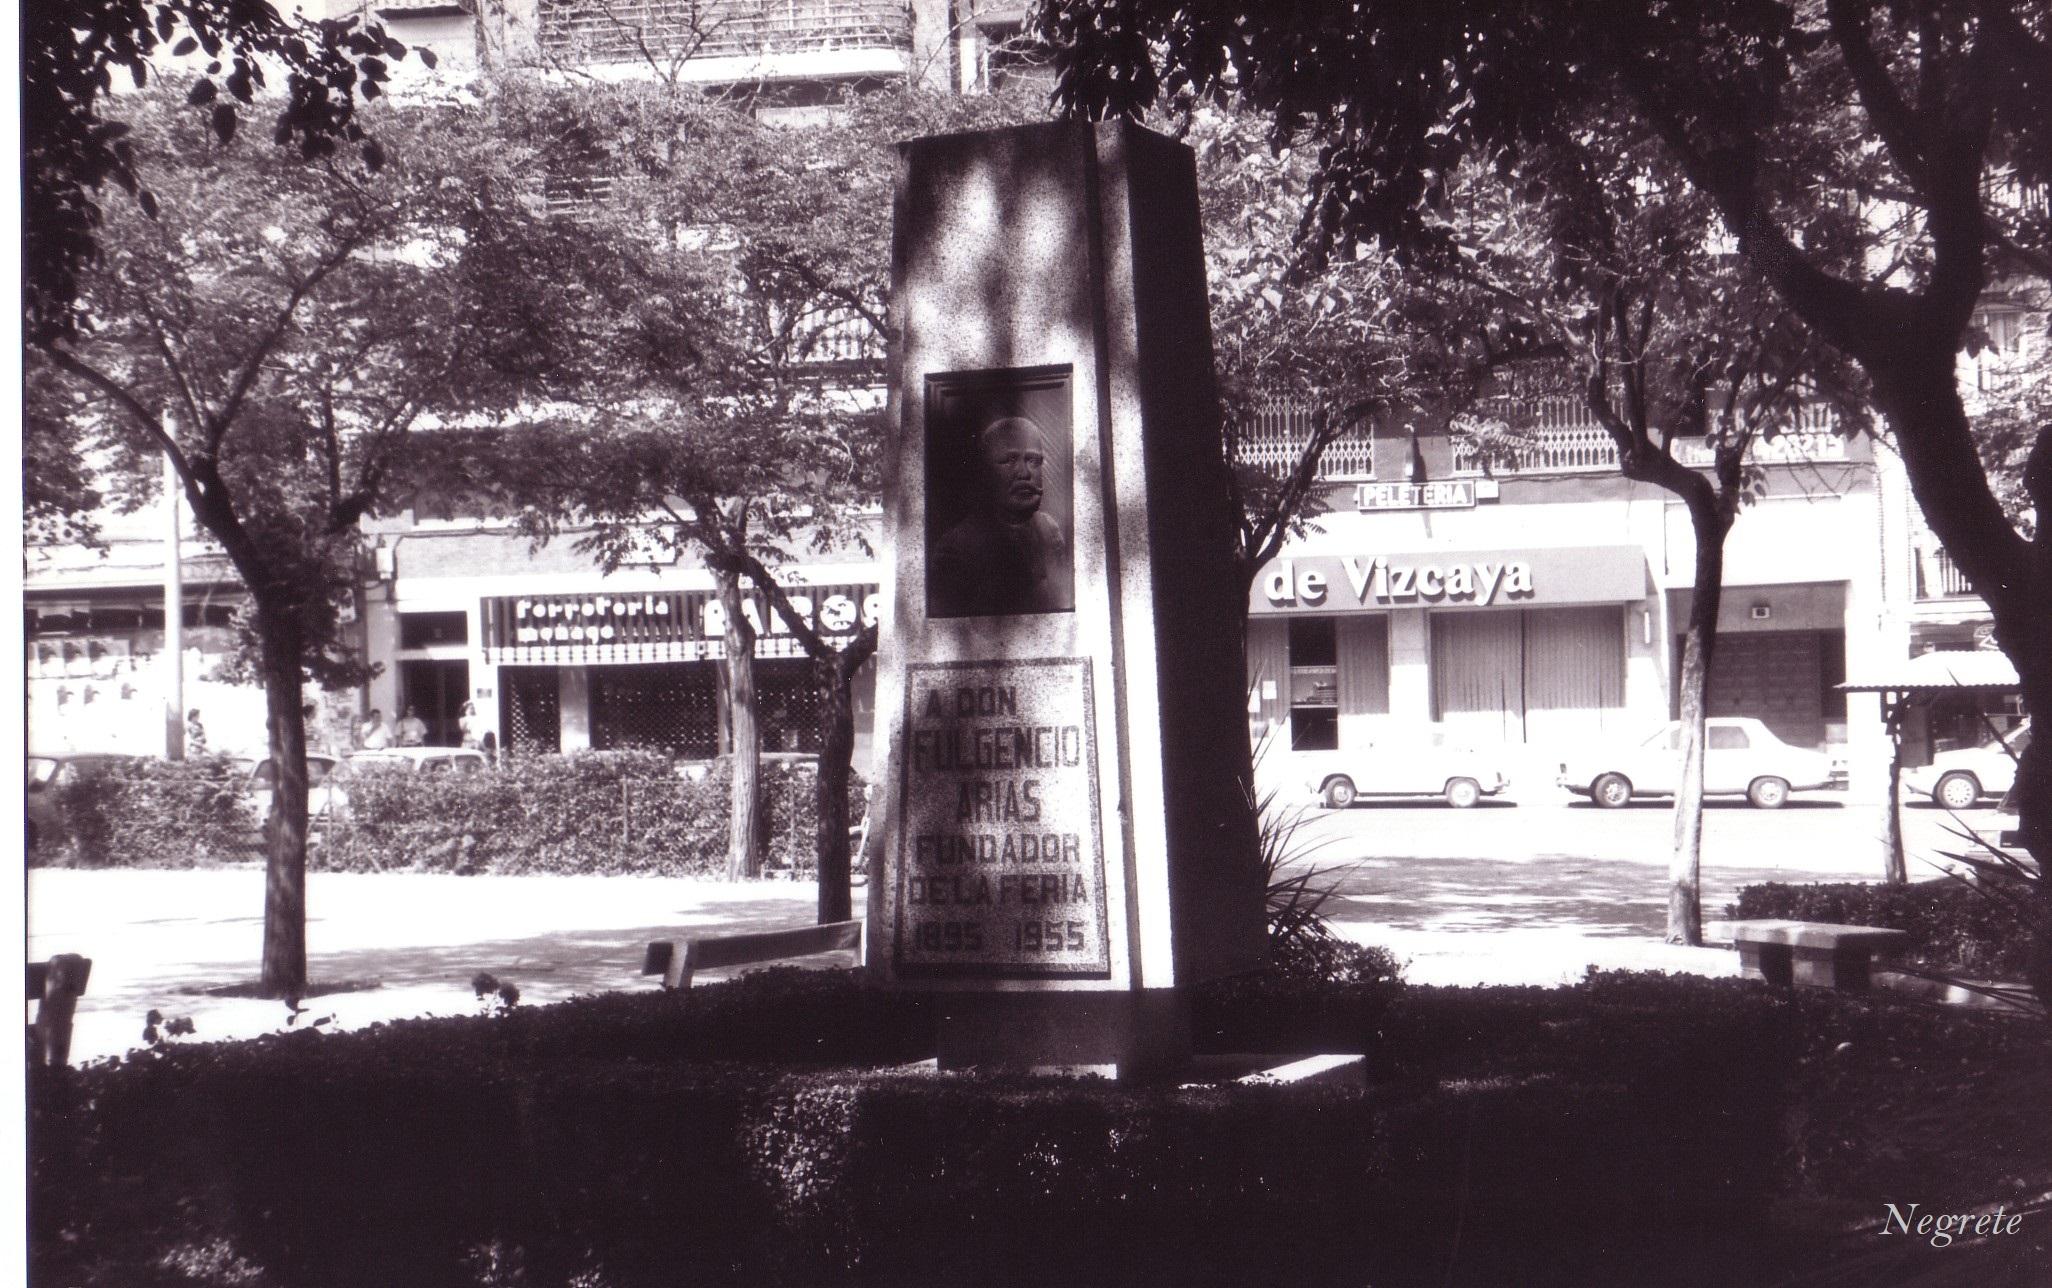 Monumento Fulgencio Arias, inaugurado en 1955 Archivo F.Negrete 1986